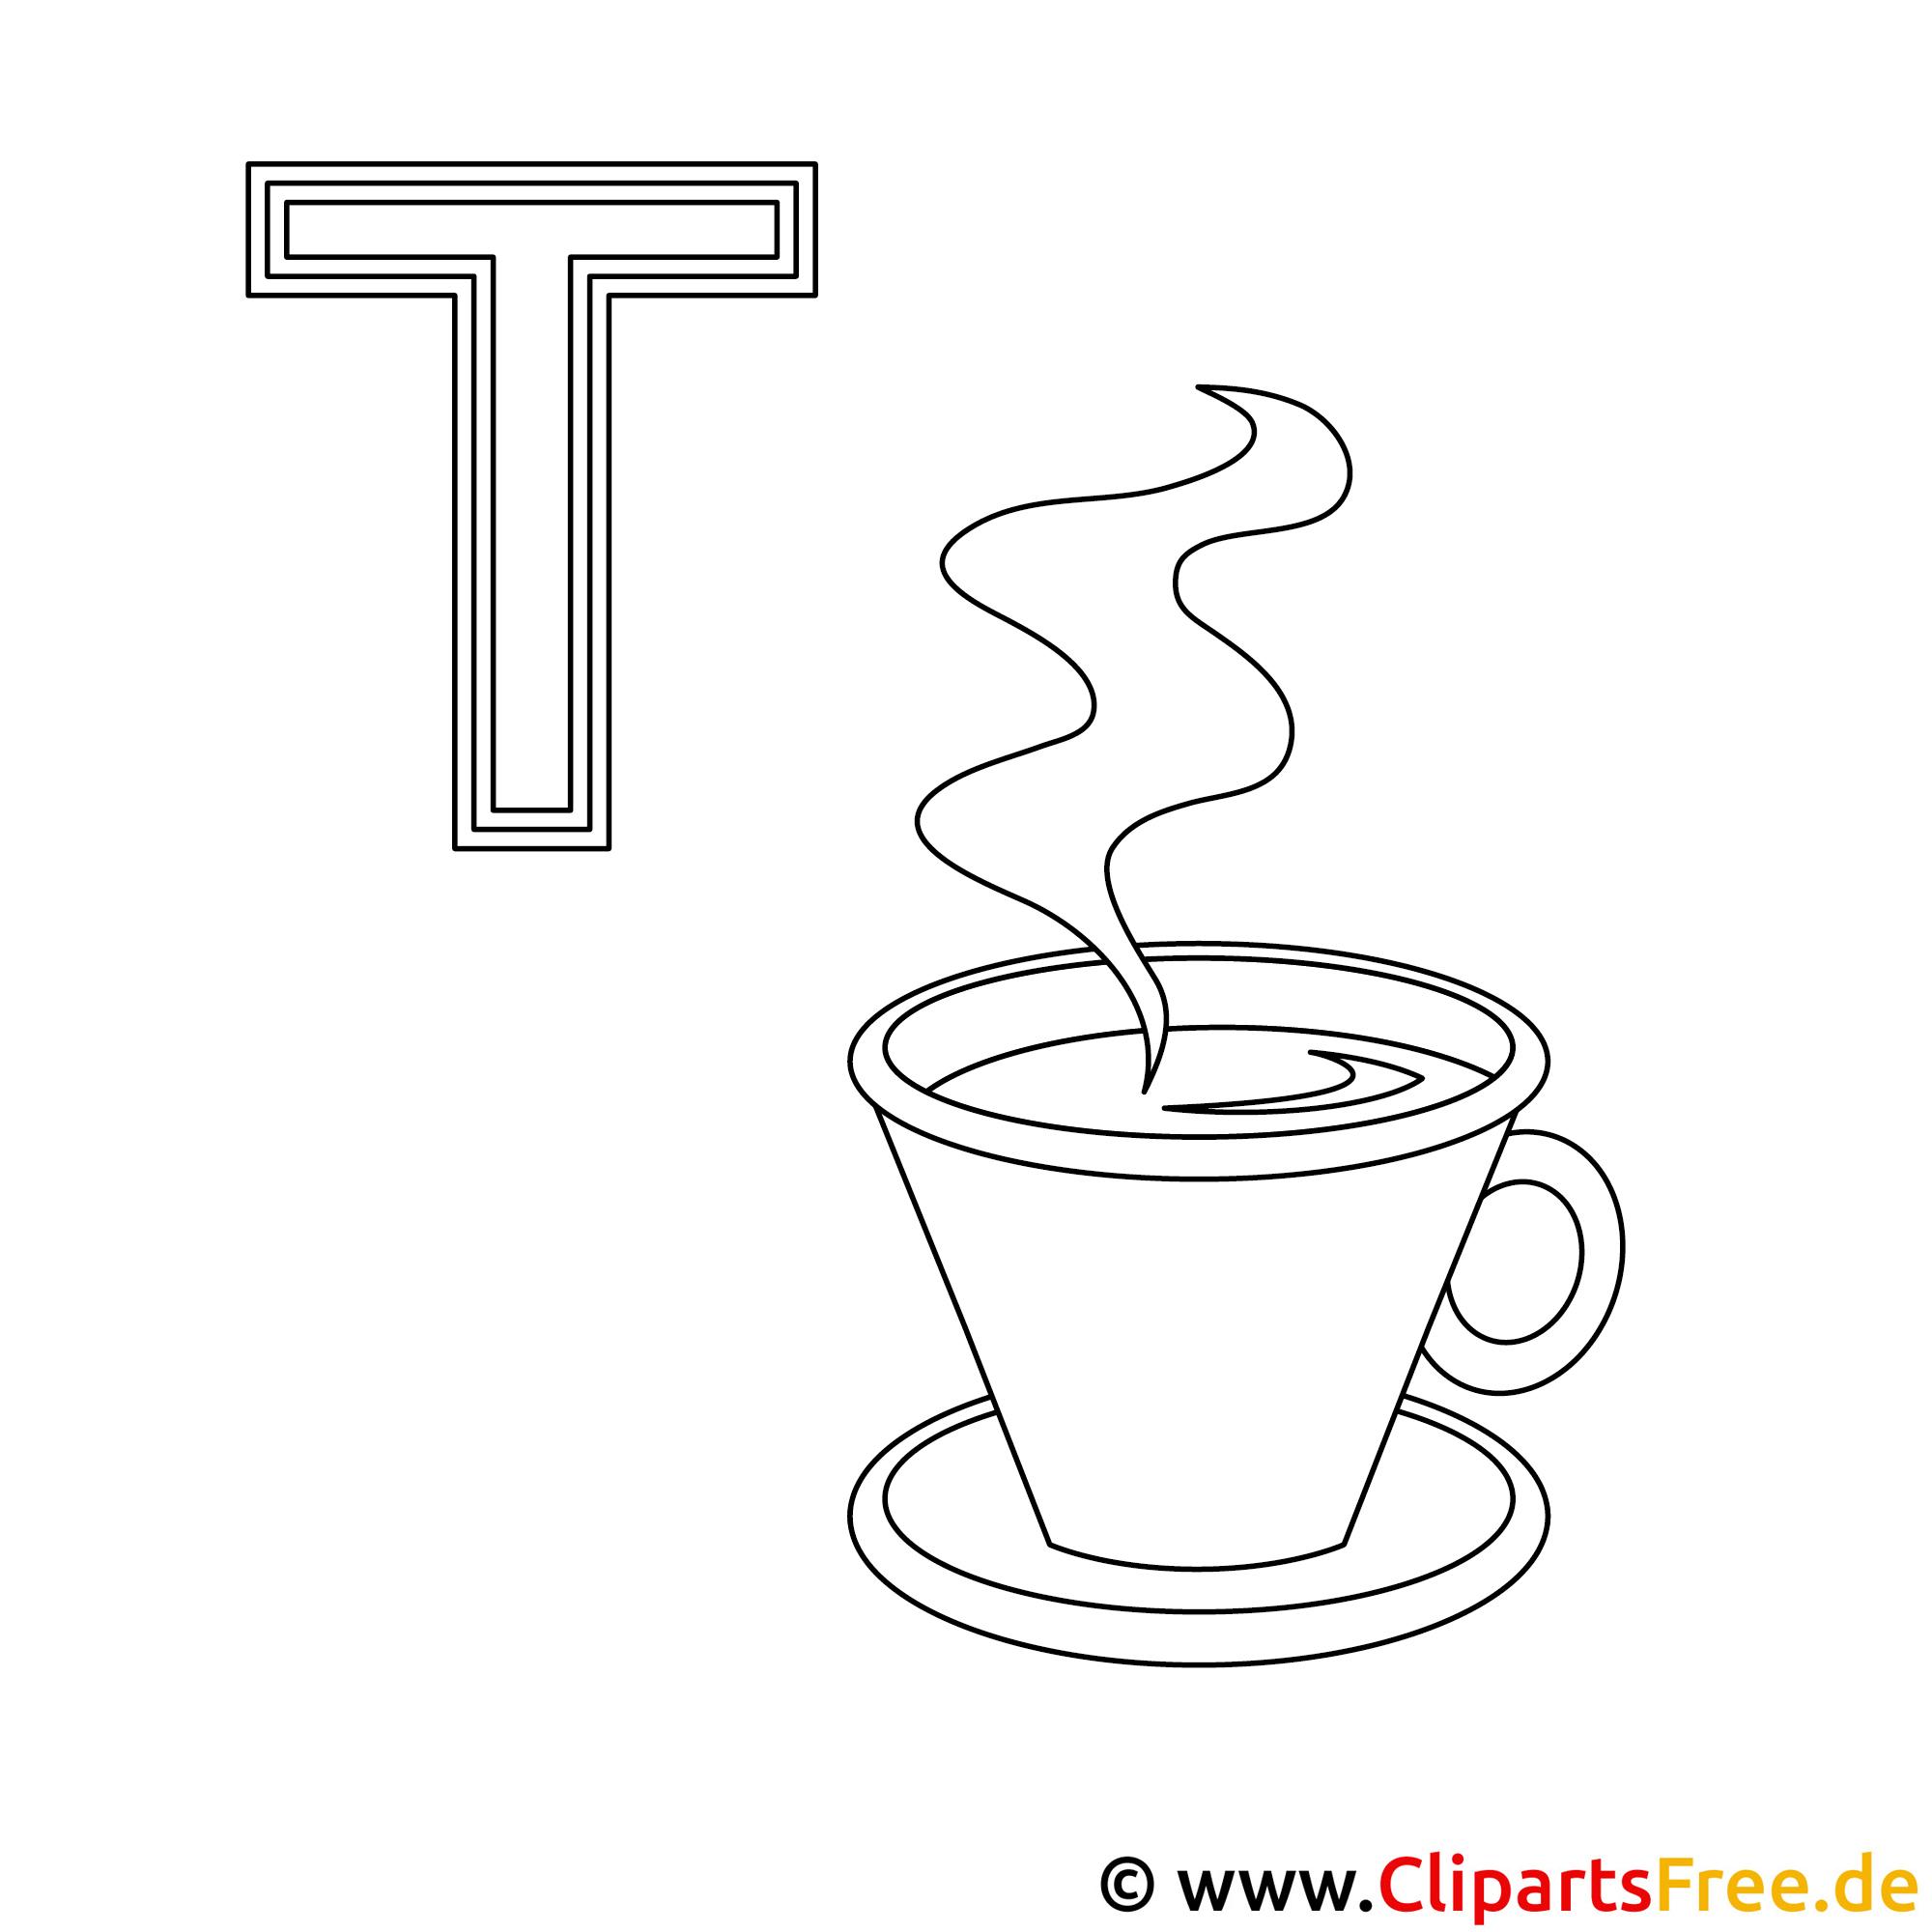 Ziemlich Tee Tasse Malseite Ideen - Malvorlagen-Ideen ...